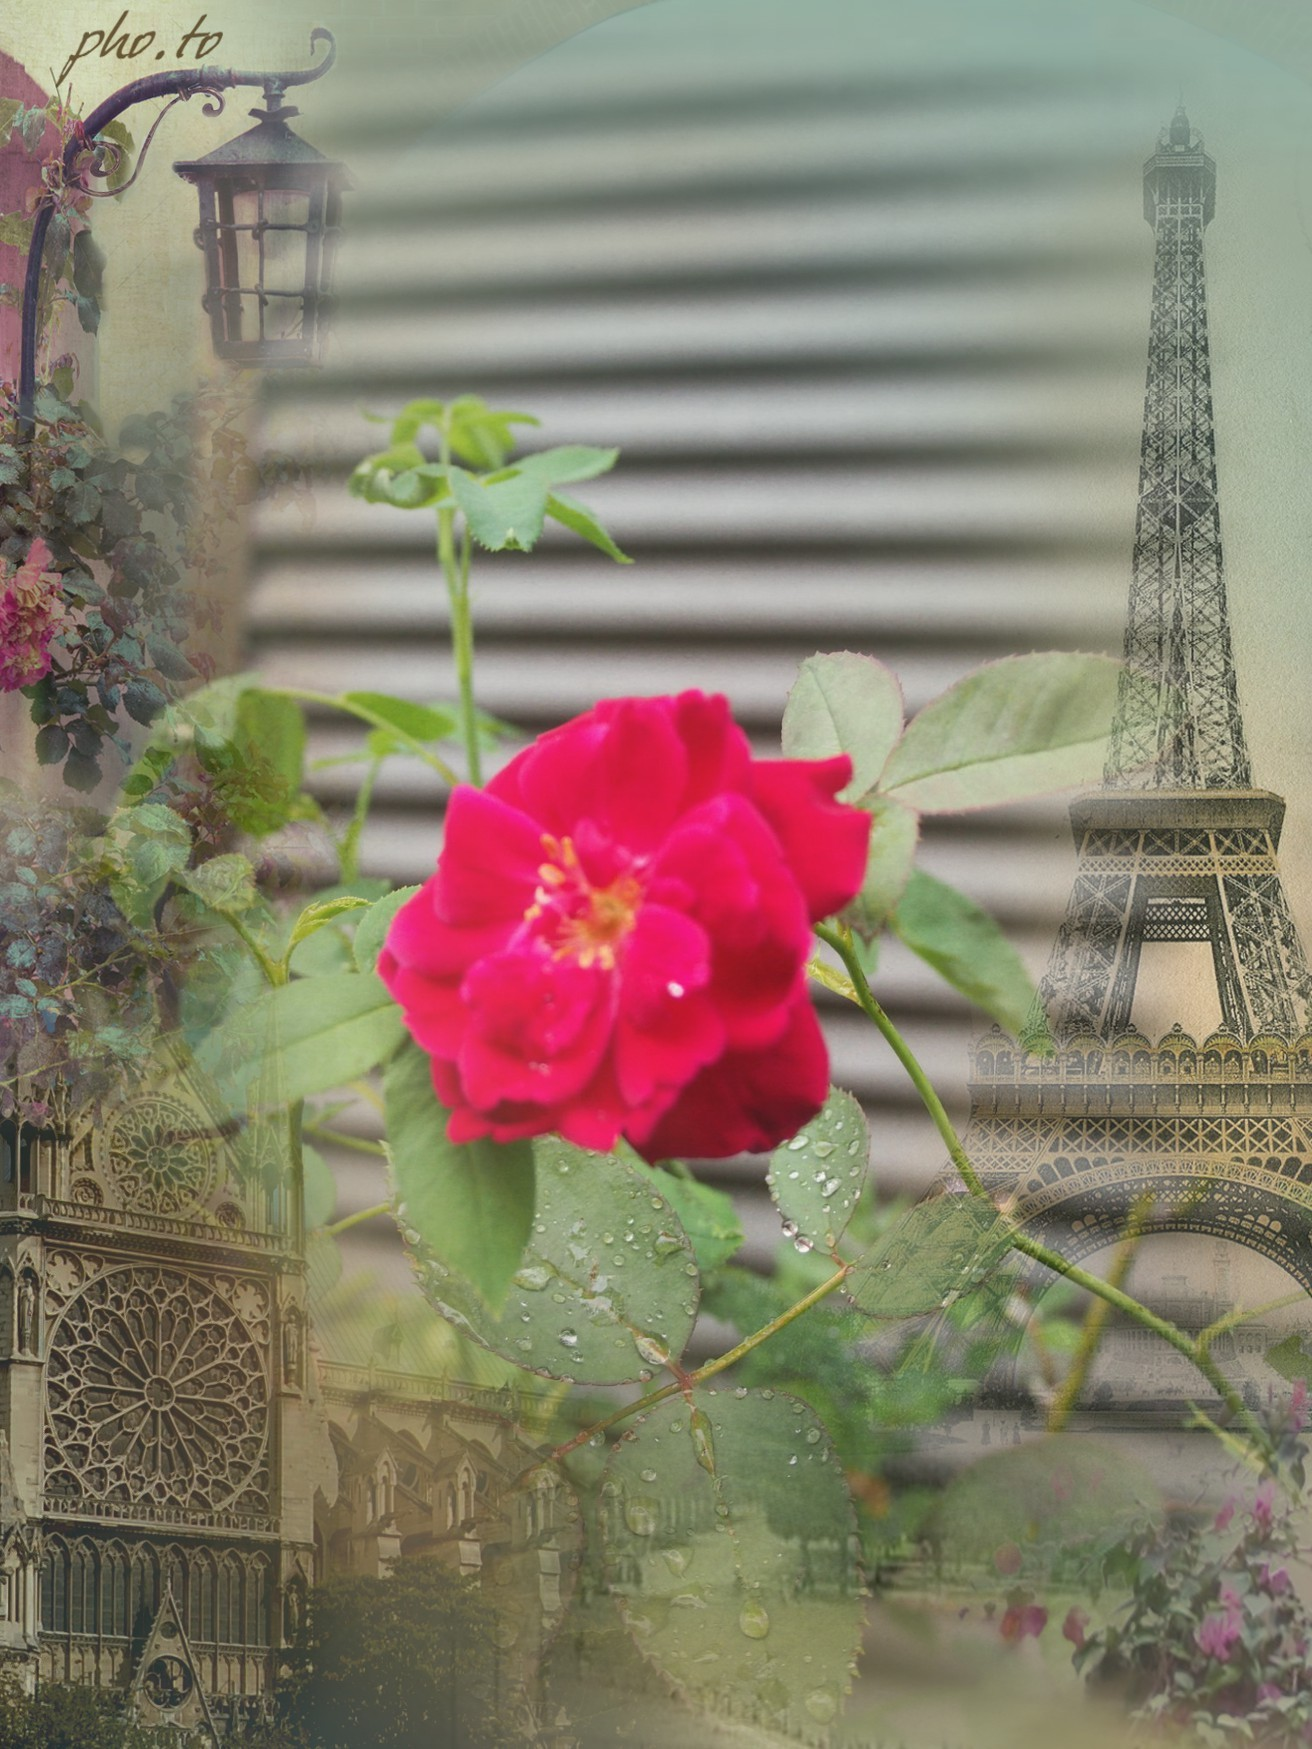 レオナルド・ダ・ヴィンチの画像 p1_18